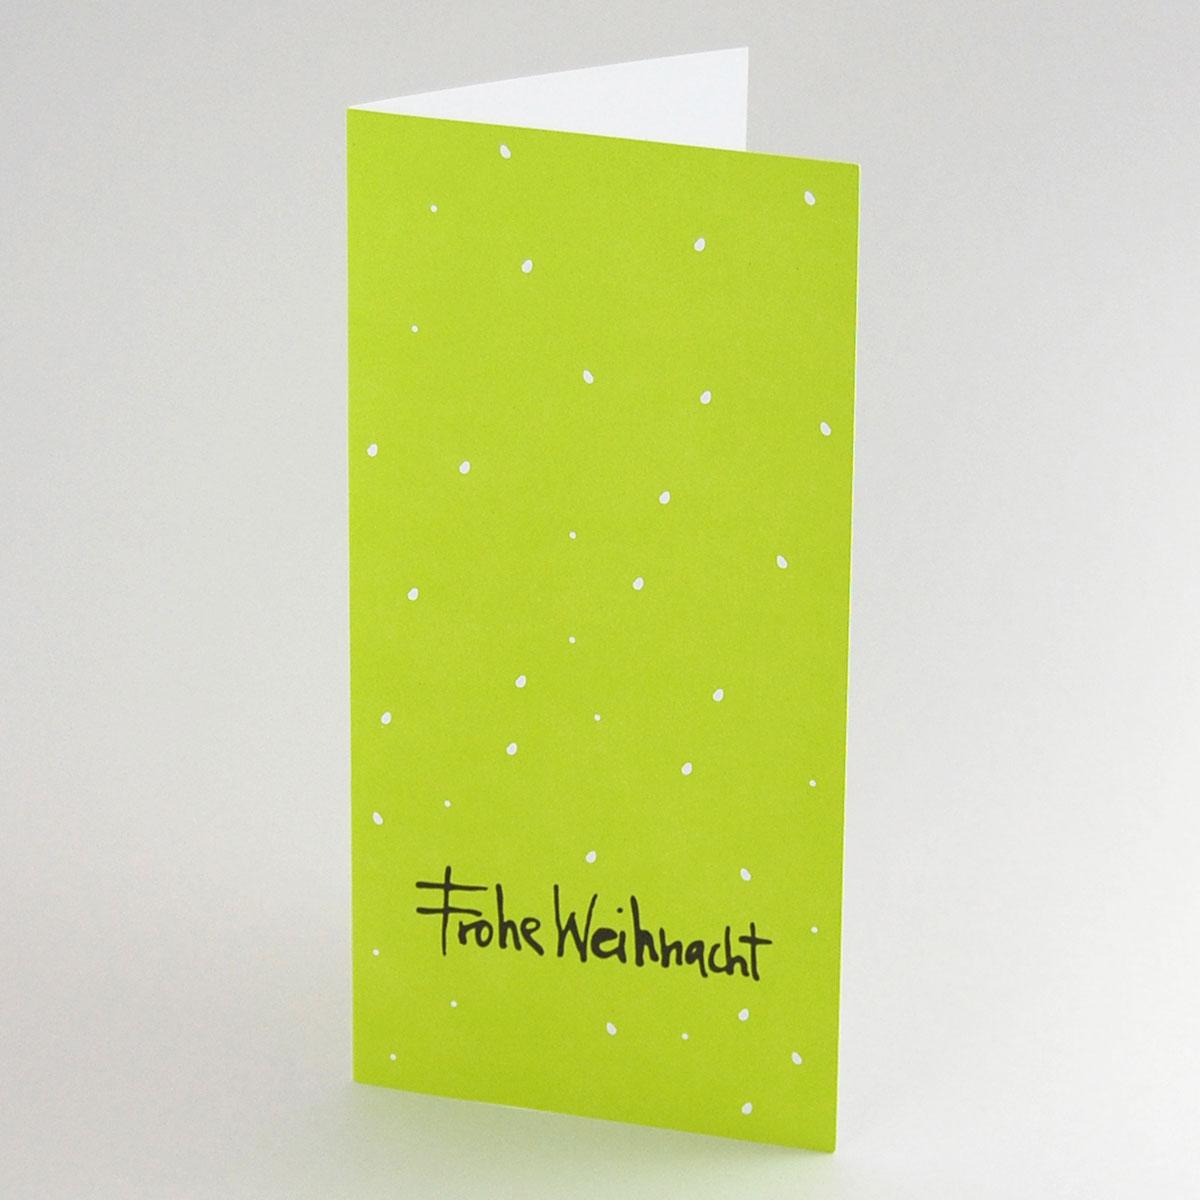 http://www.kettcards.de/img/wksubi020gruen.jpg